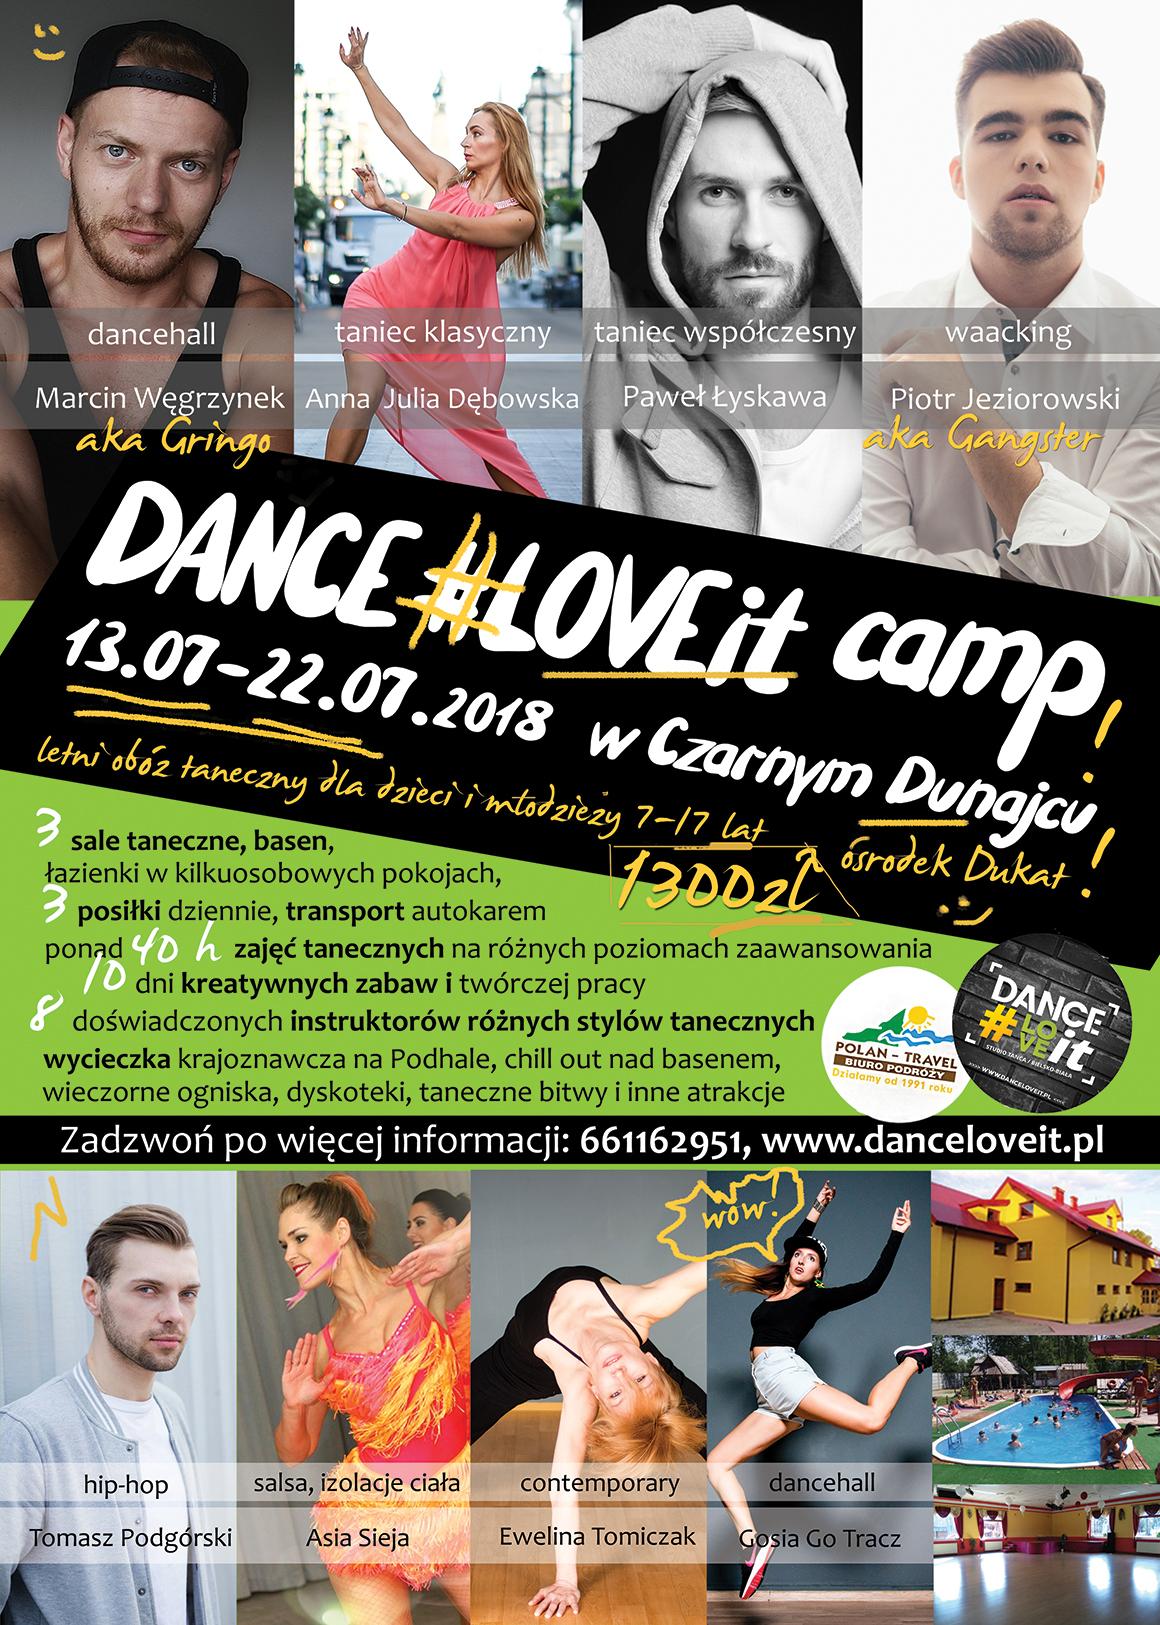 danceloveit-camp-plakat-www